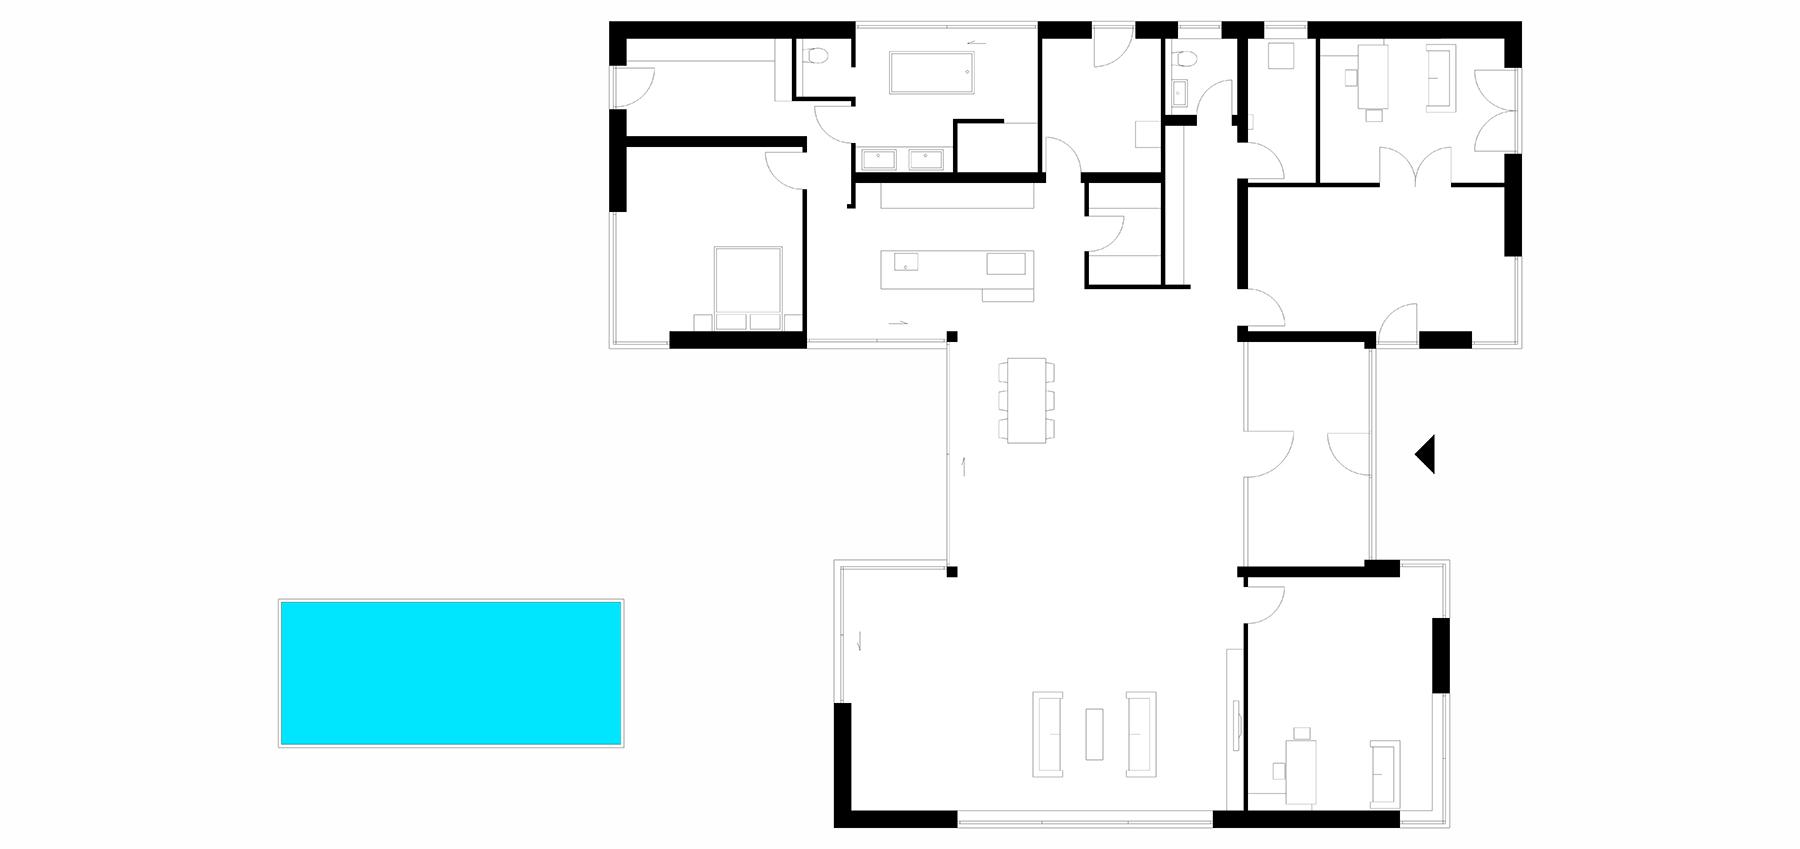 wunschhaus-haus-k19-plan-EG